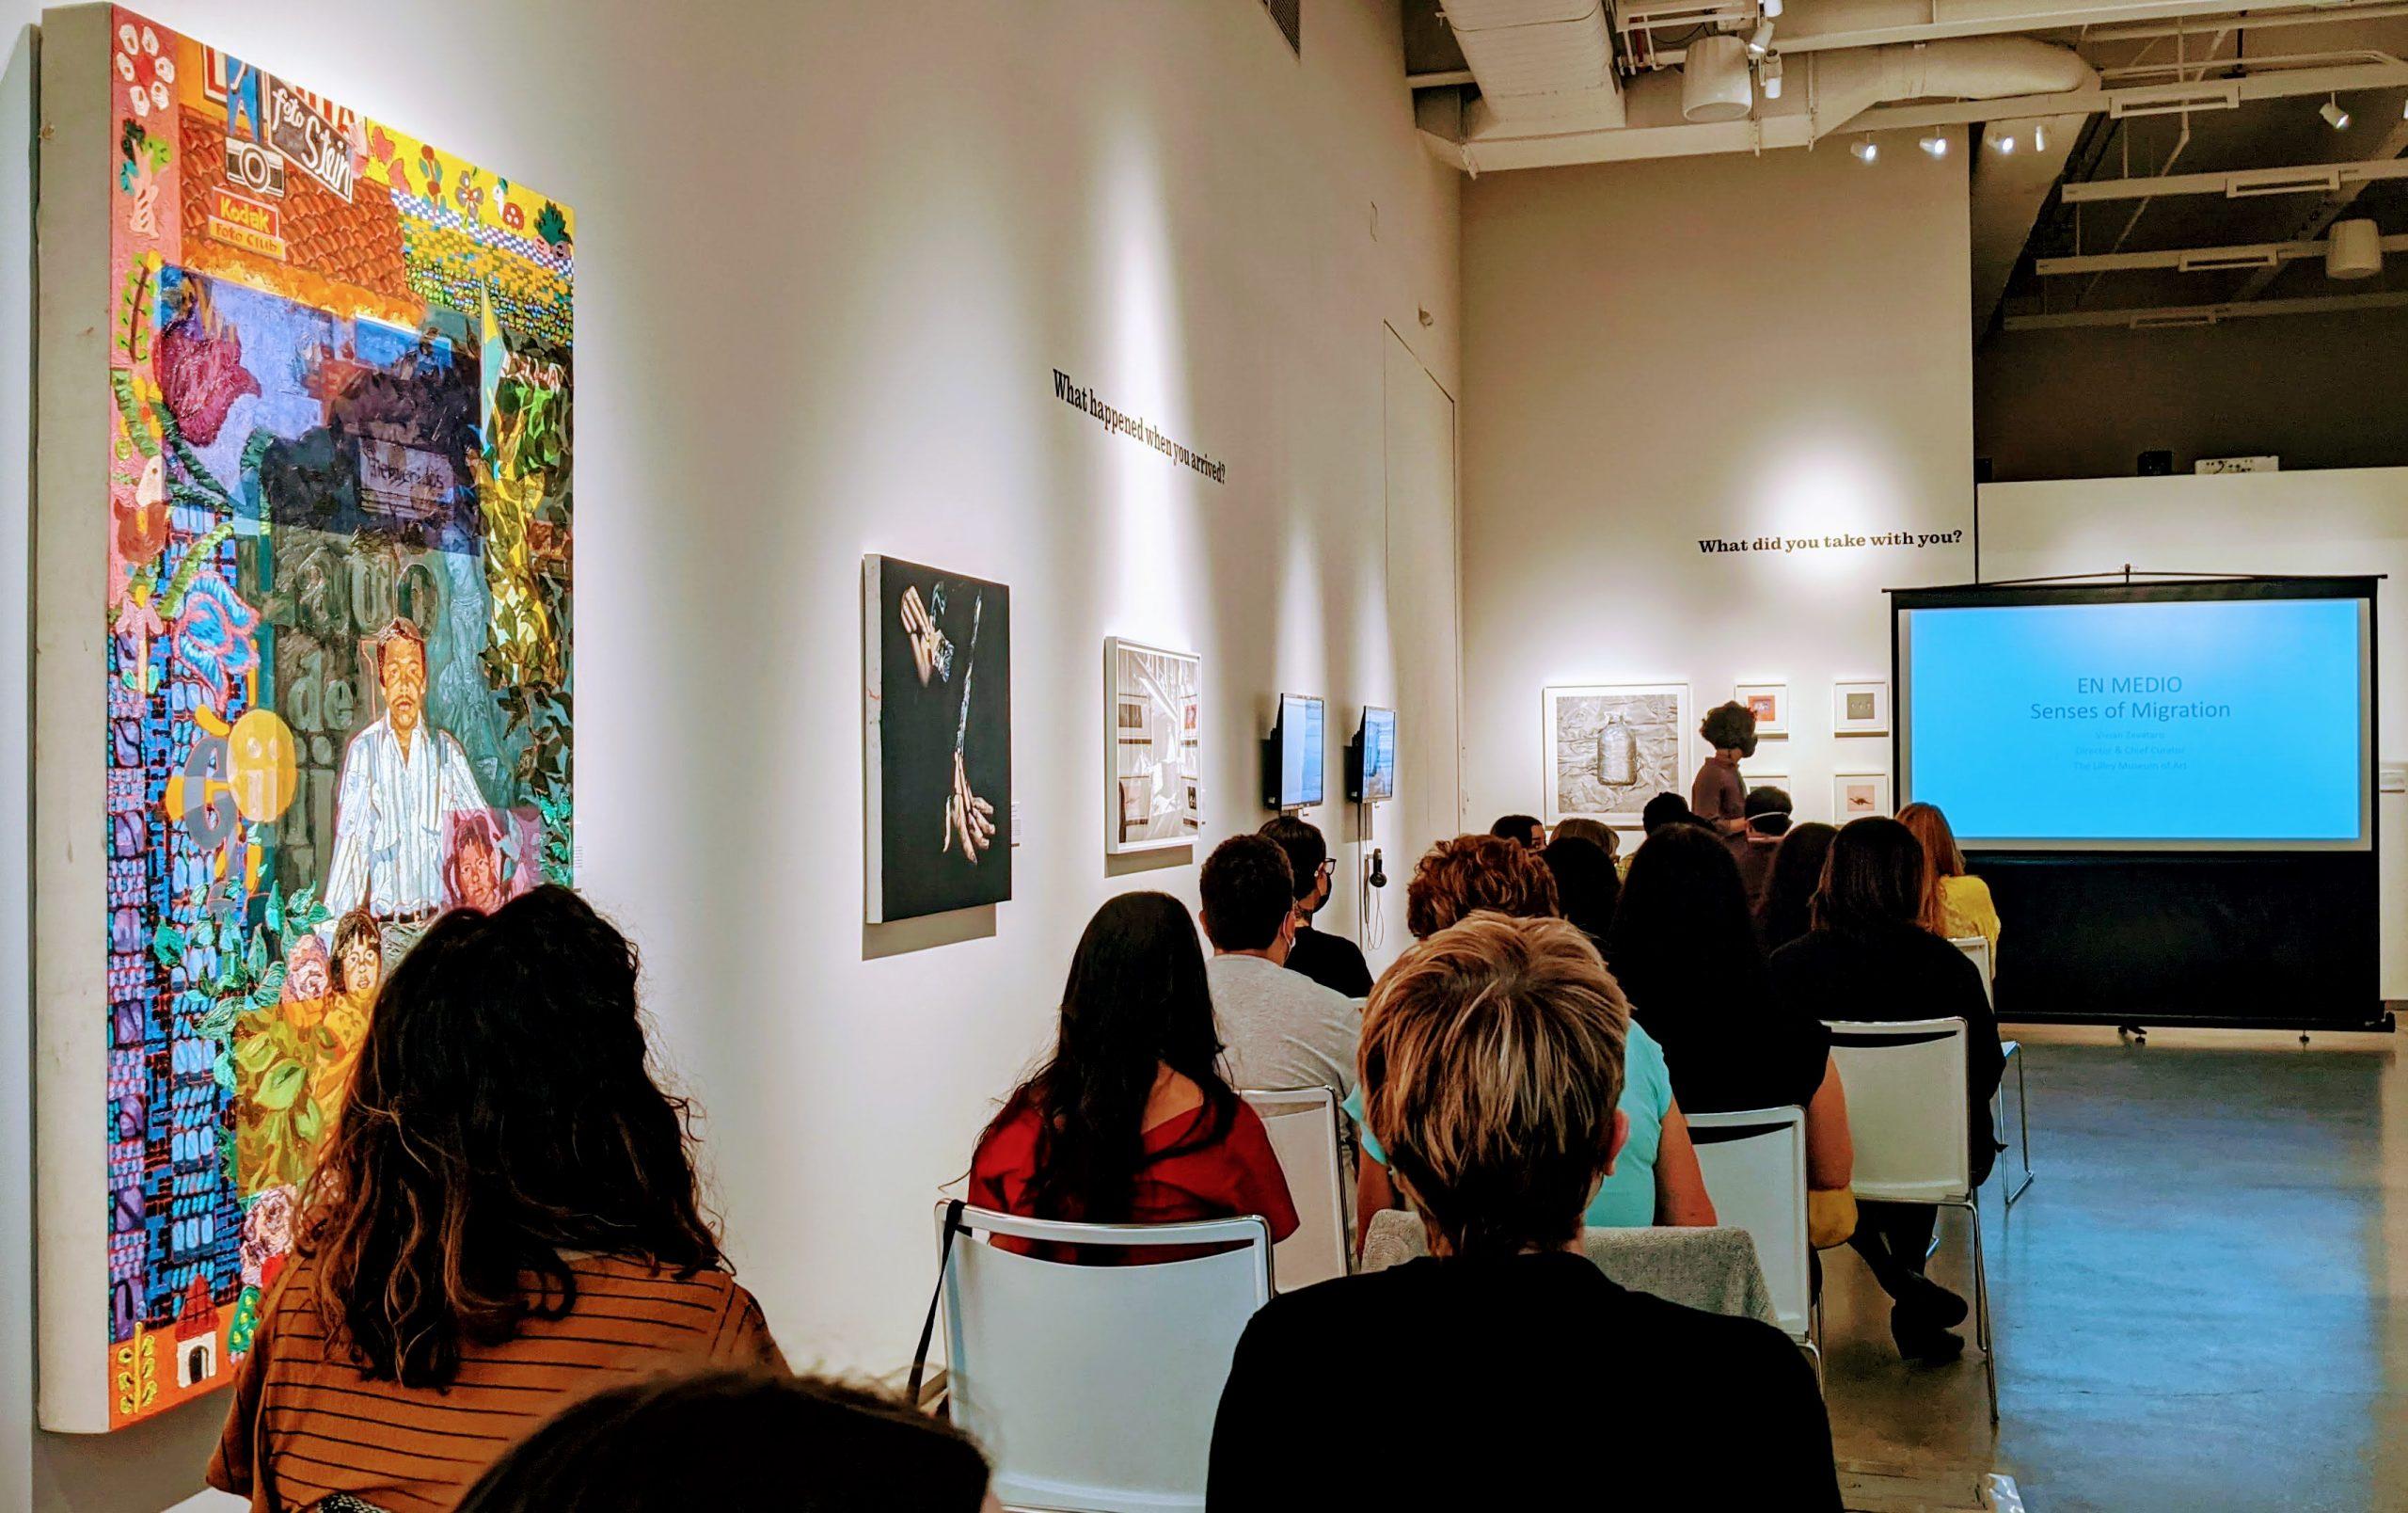 Personas sentadas en un museo escuchan una presentación